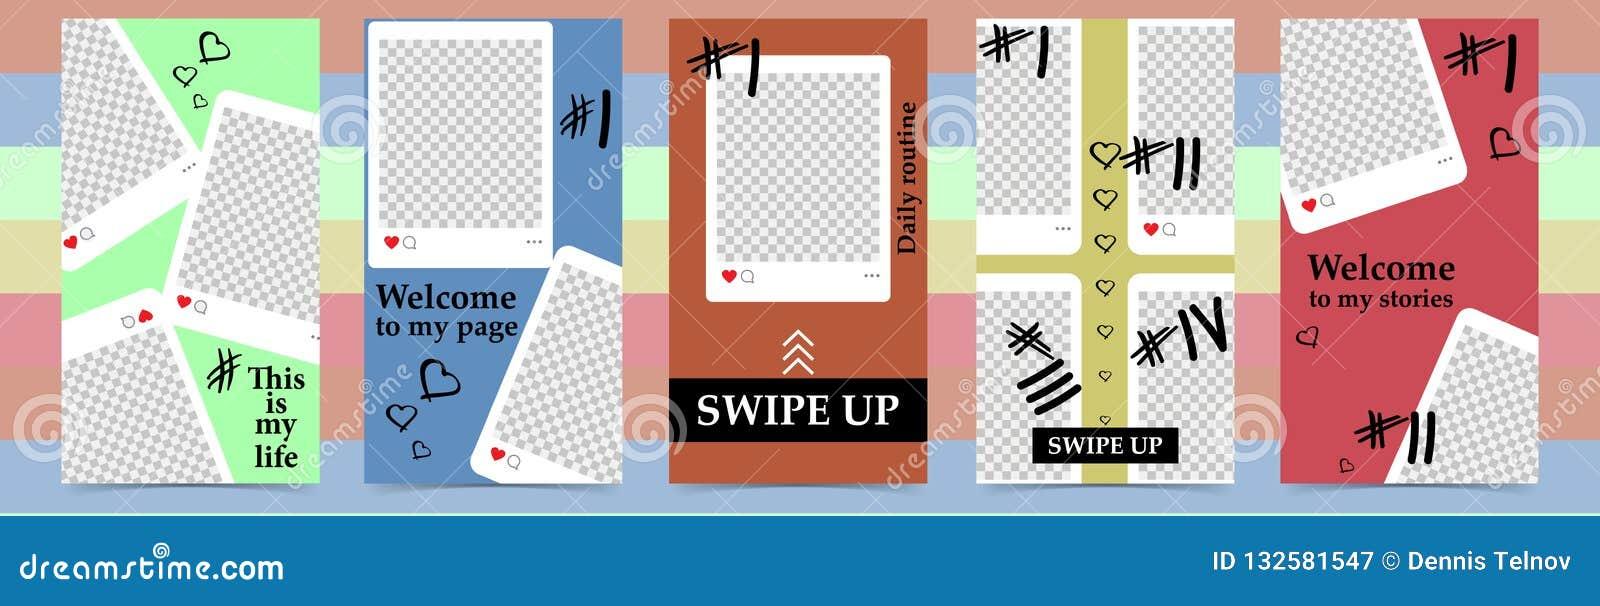 Moderiktiga redigerbara mallar för instagramberättelser, försäljning Designbakgrunder för socialt massmedia Hand dragit abstrakt